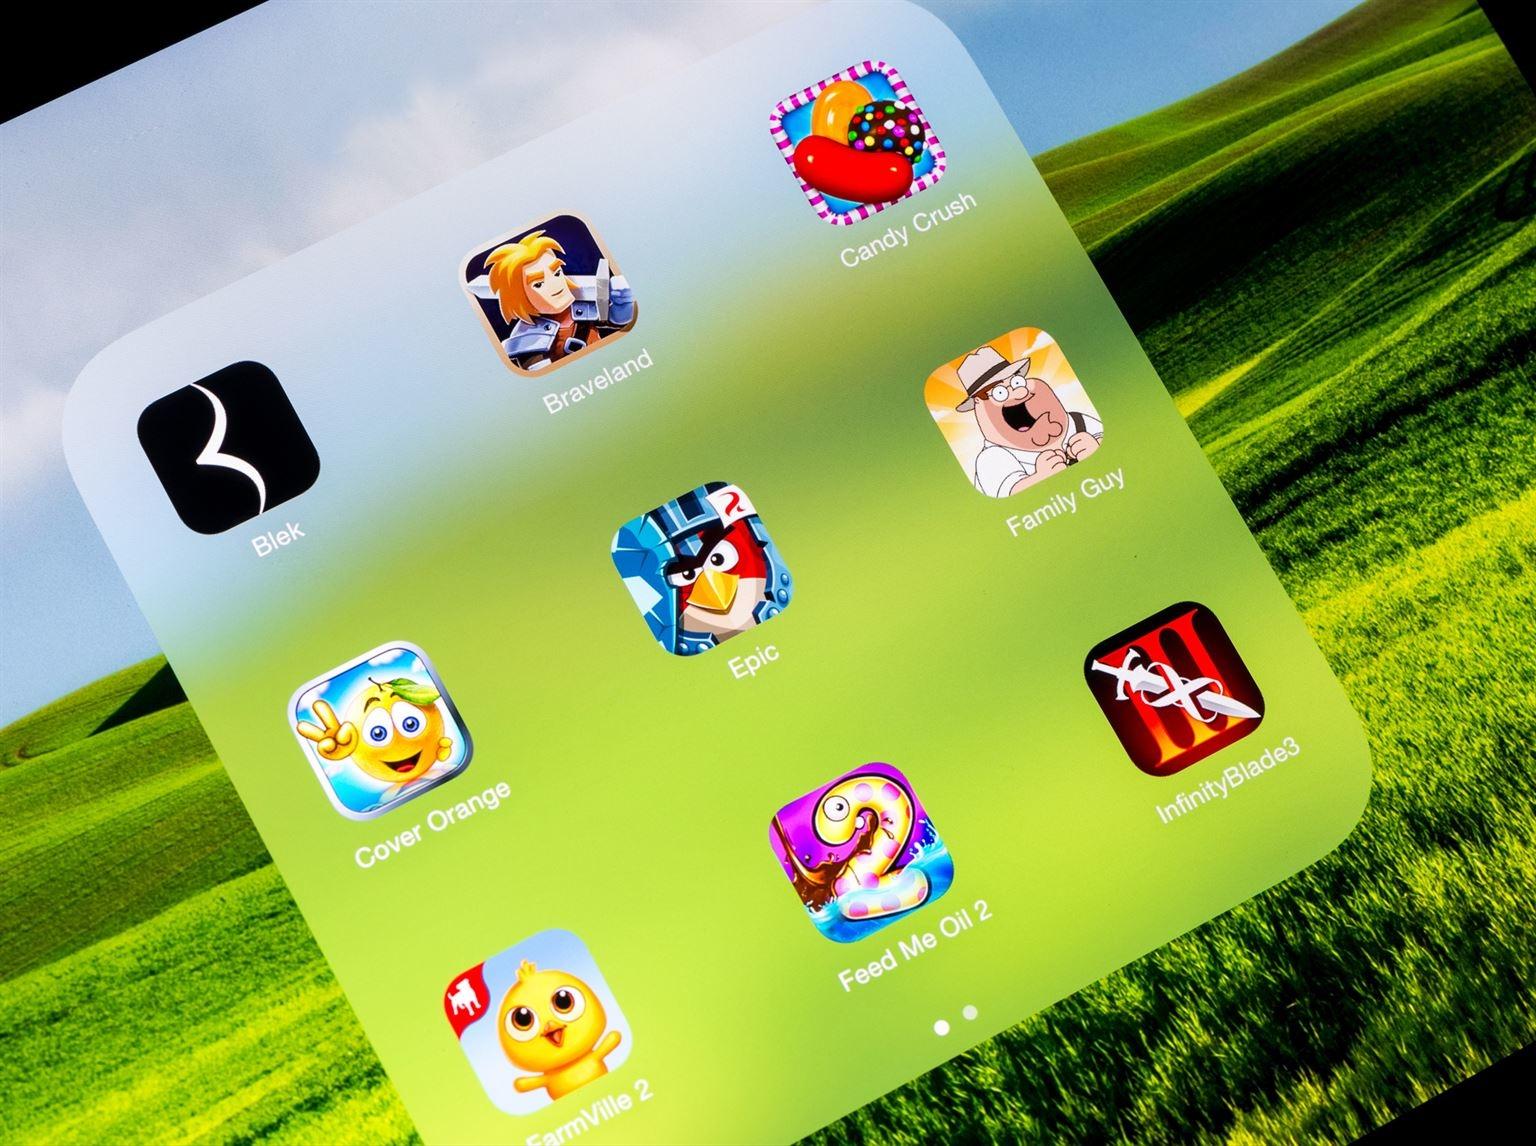 Jeux Sur Tablette: 64 Choix Pour Enfants | Protégez-Vous.ca encequiconcerne Jeux Educatif Gratuit 4 Ans